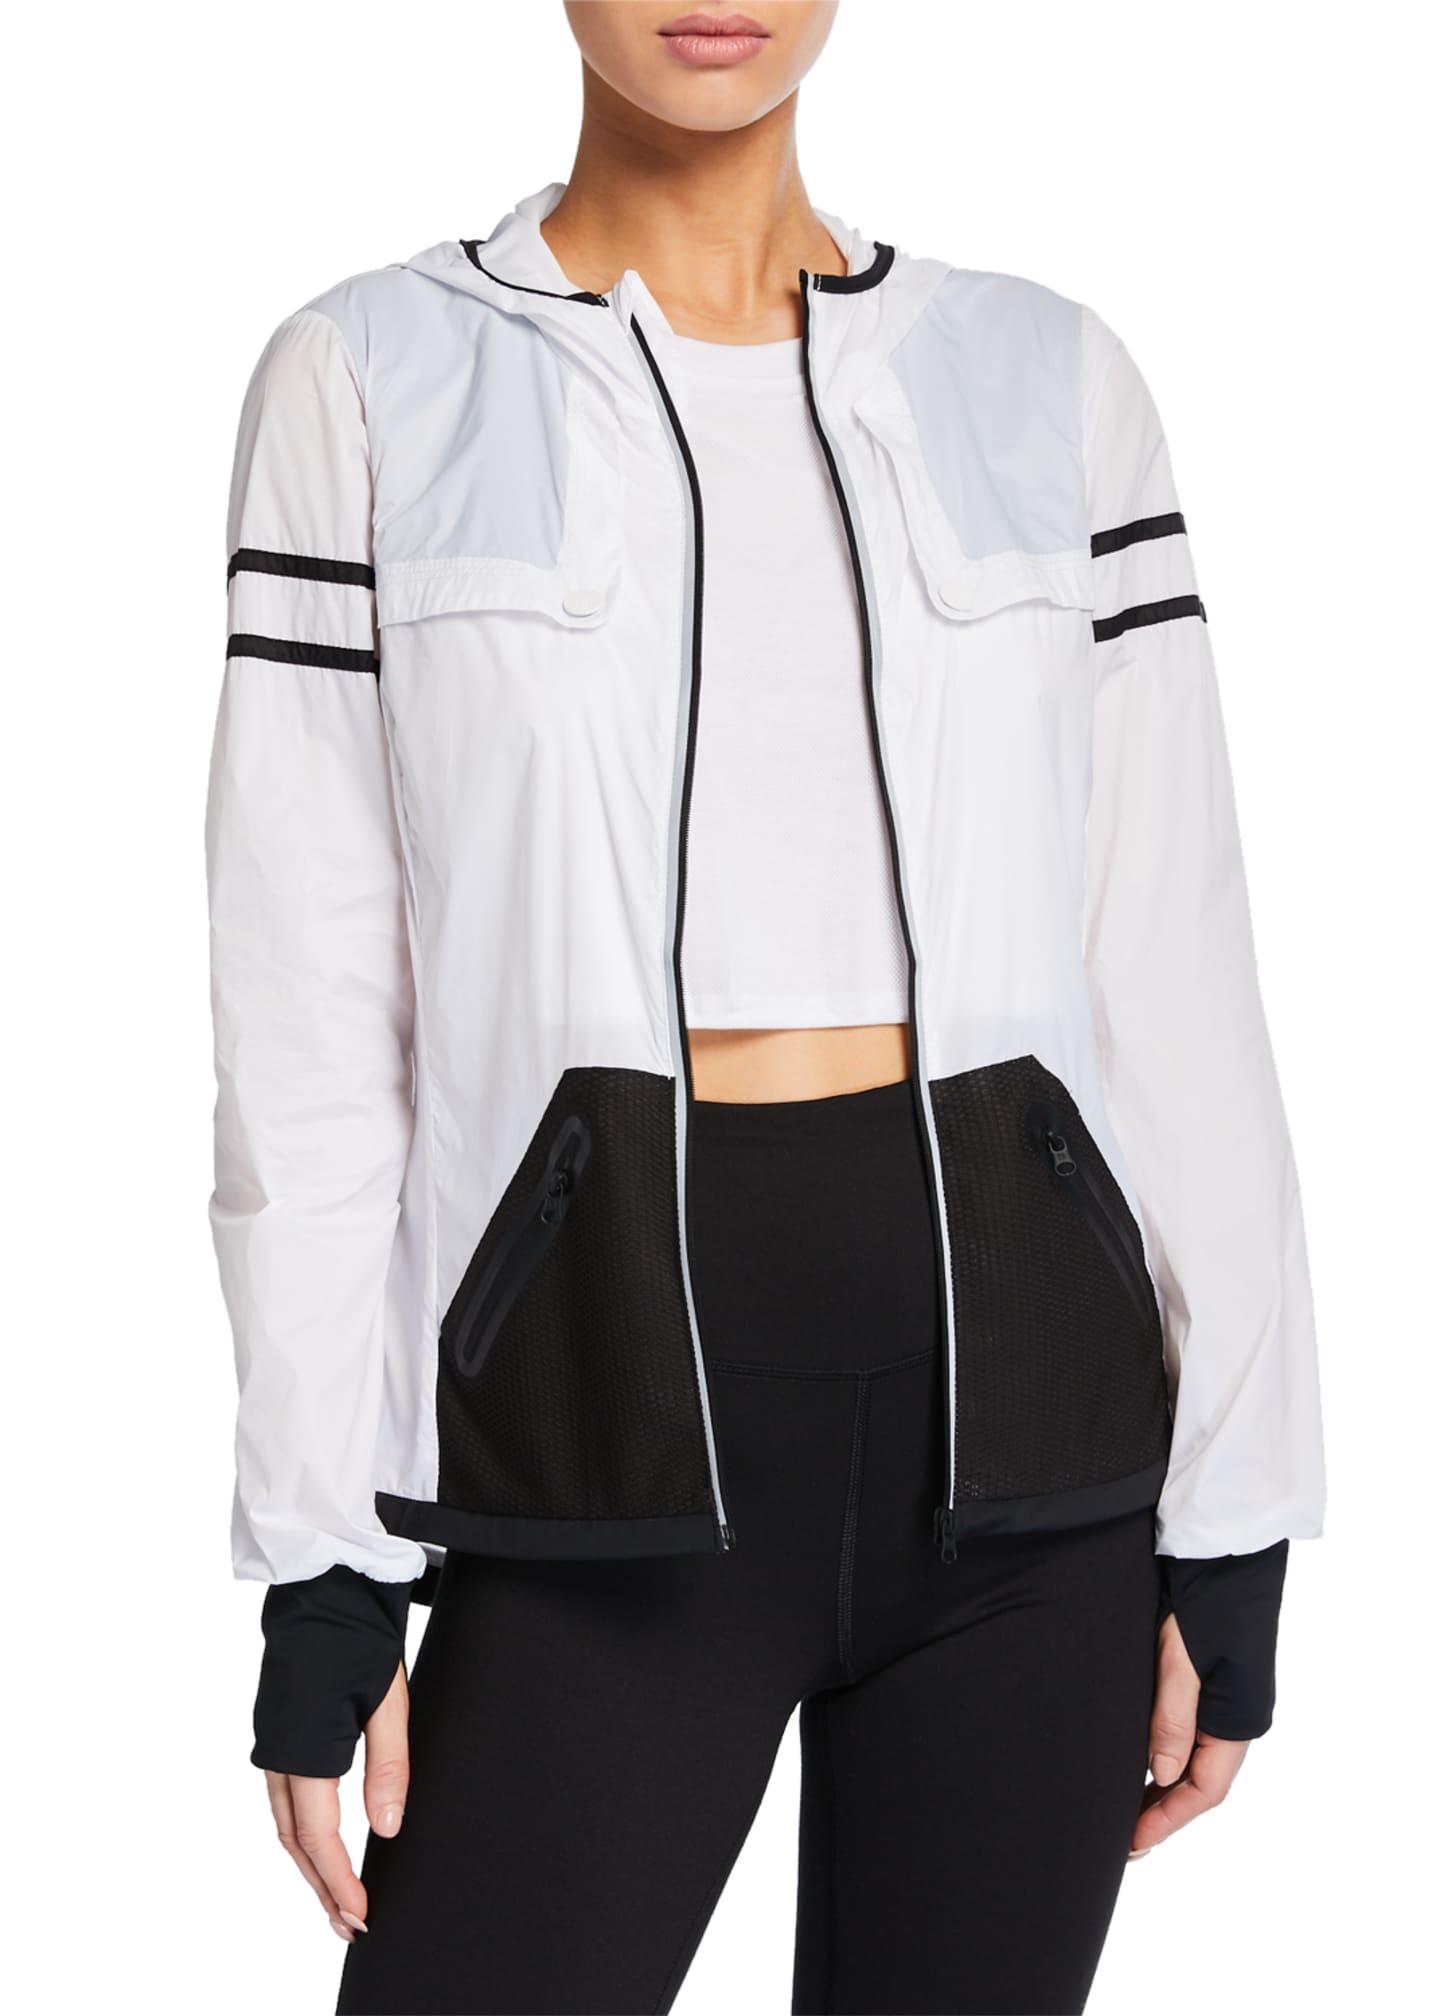 Blanc Noir Moonlight Zip-Front Active Jacket